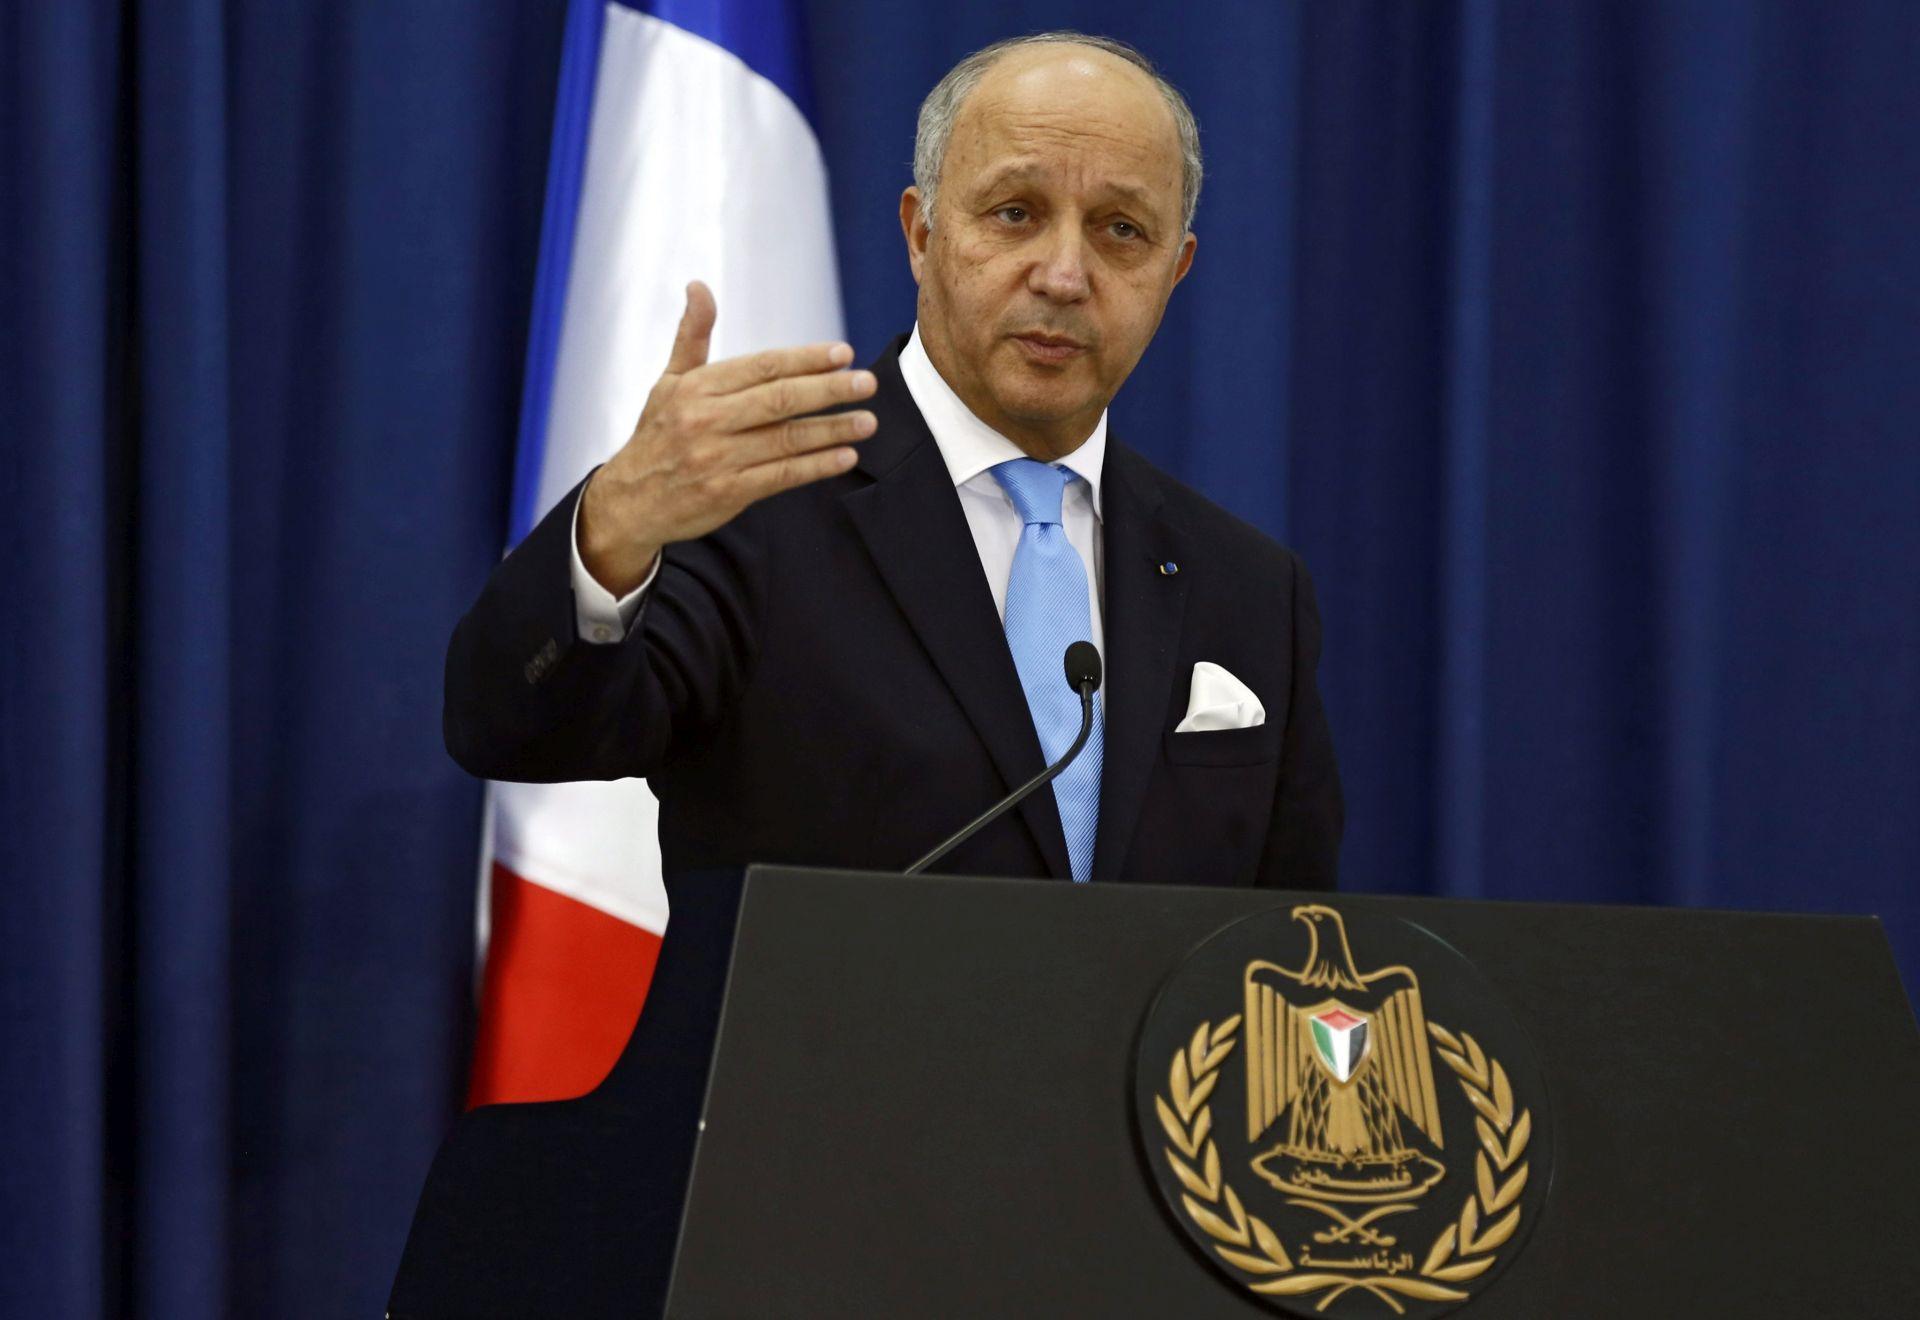 ZAVRŠNA FAZA PREGOVORA Francuska želi snažniji nuklearni sporazum s Iranom